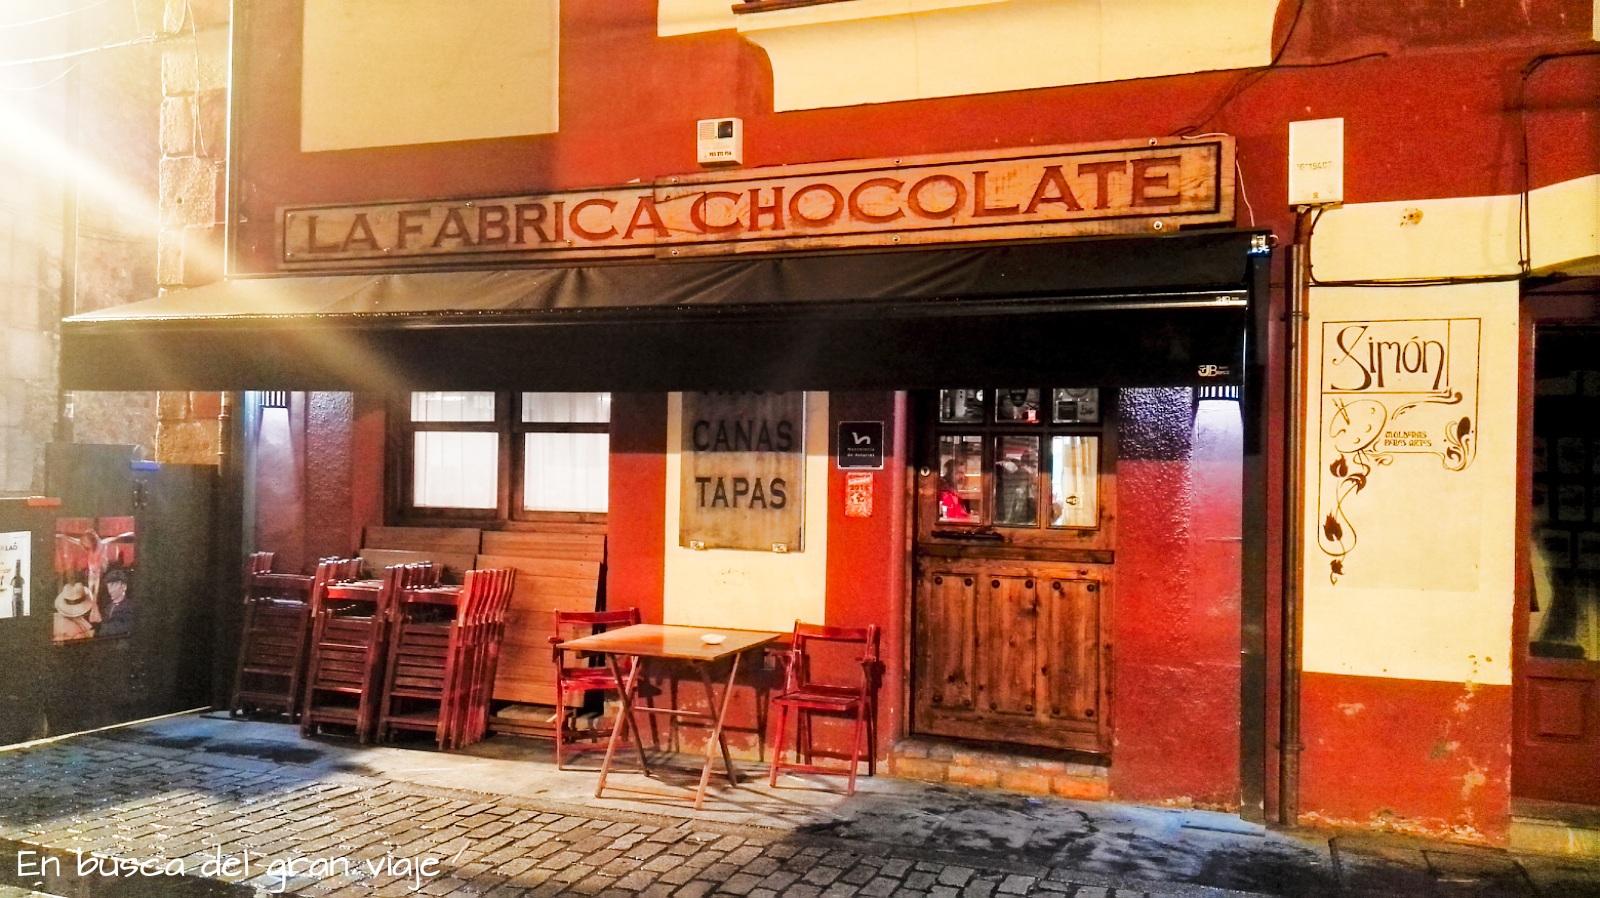 Fachada de la Fábrica de chocolate